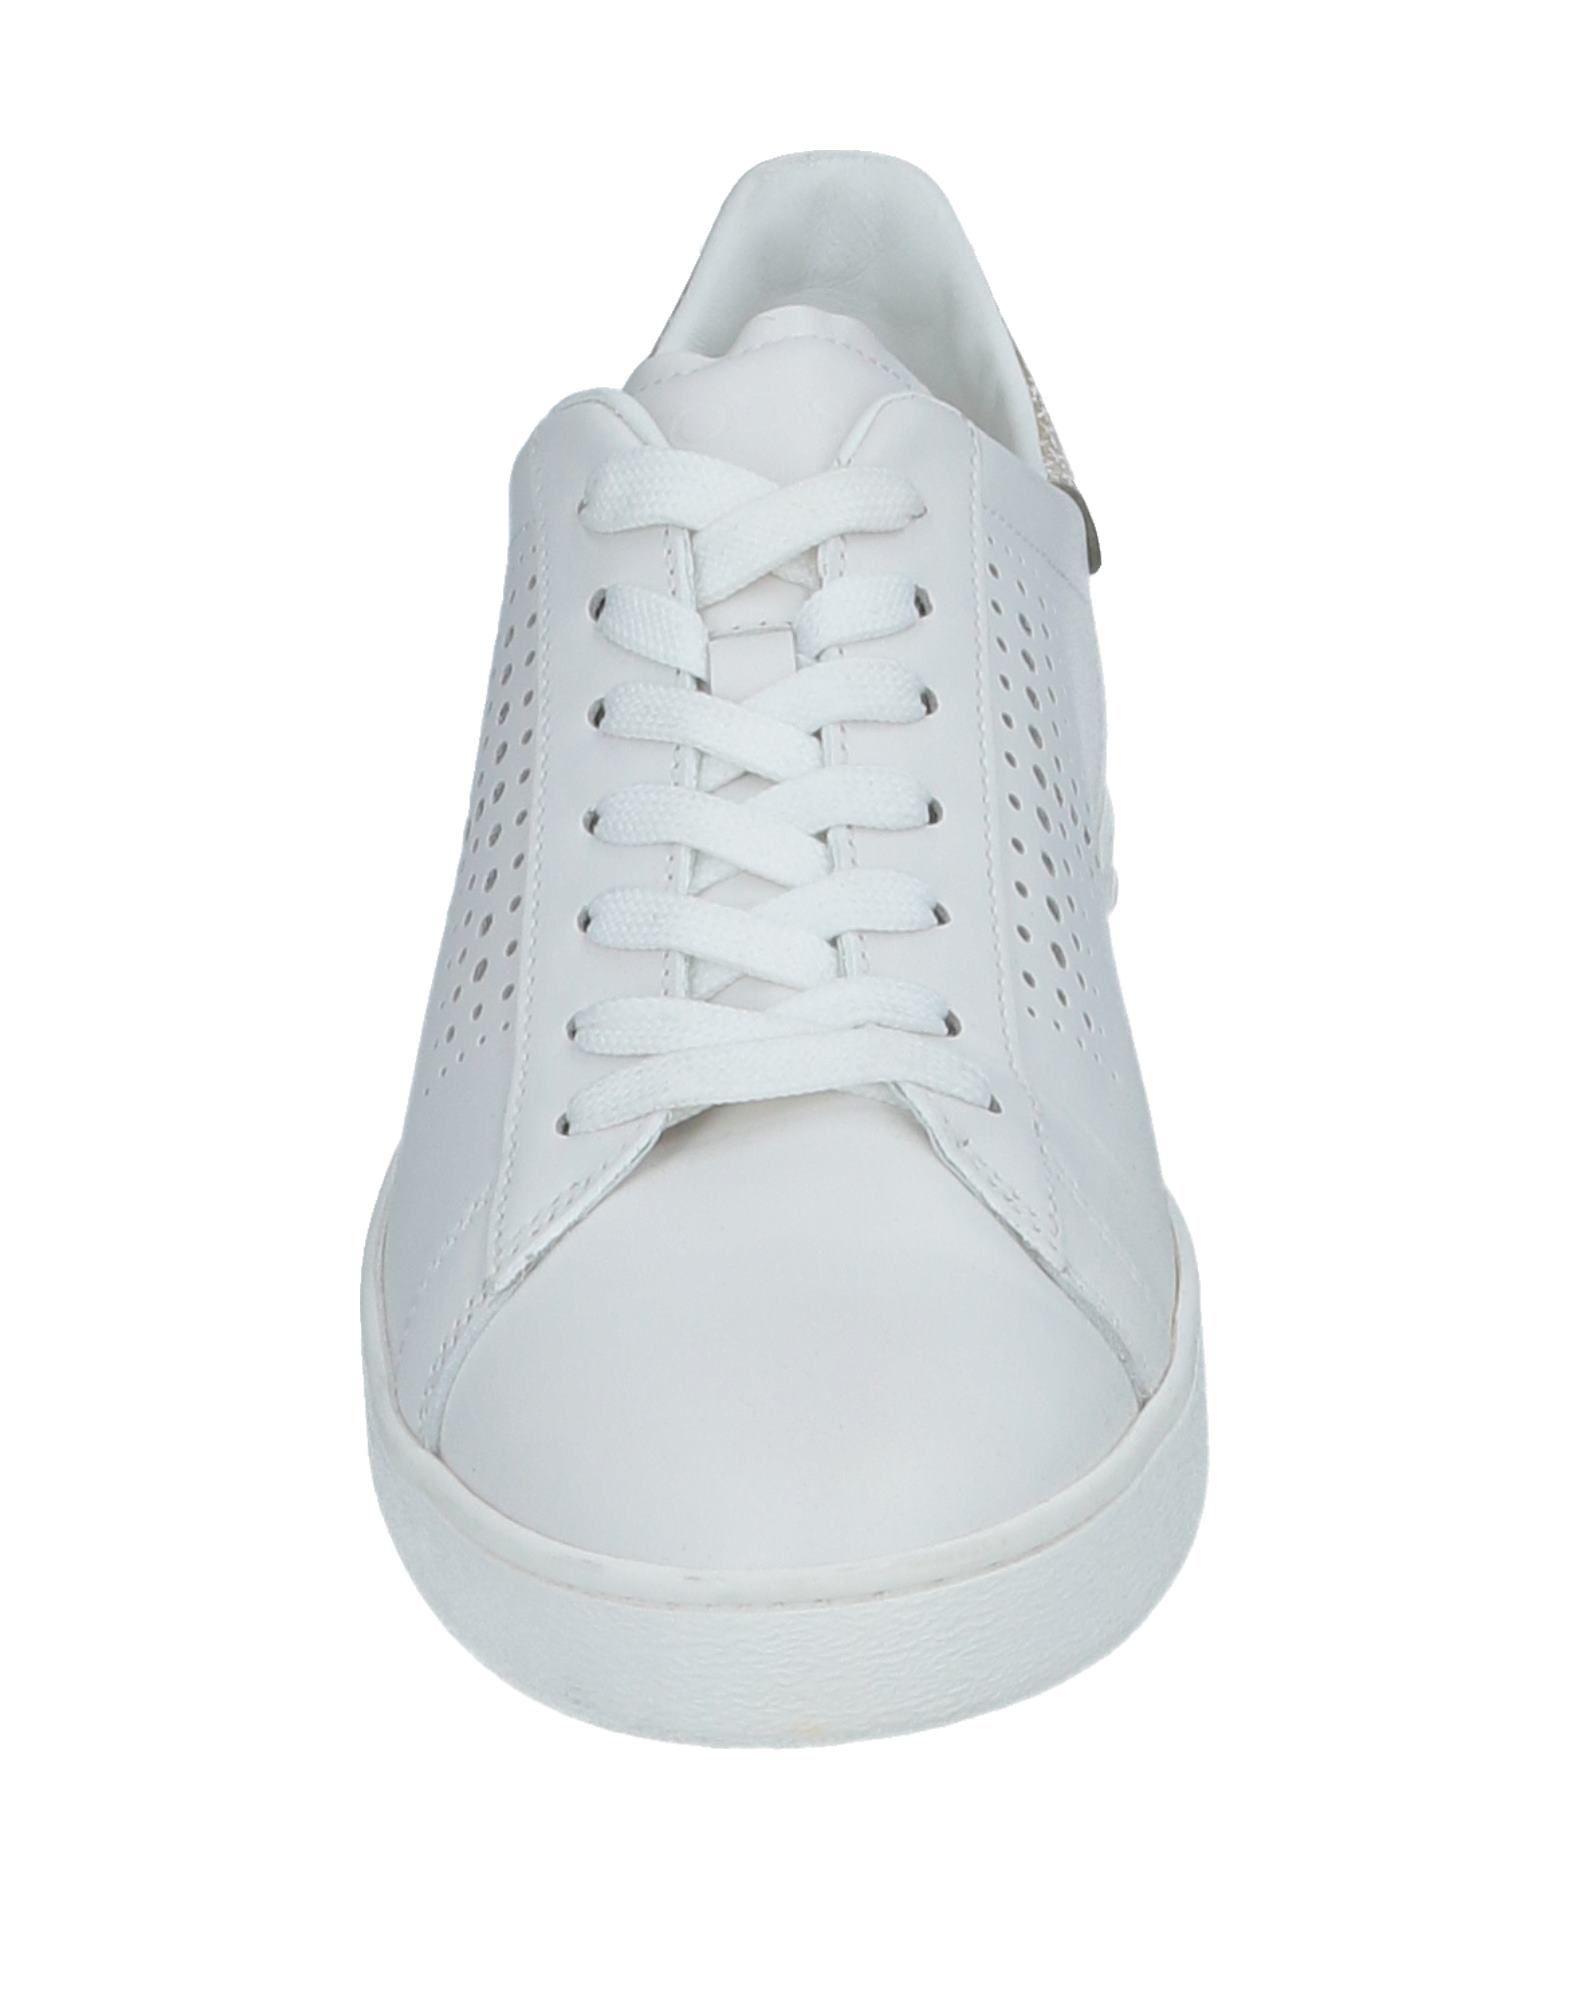 Rabatt Tod's Schuhe Tod's Rabatt Sneakers Damen  11508204VL 053202